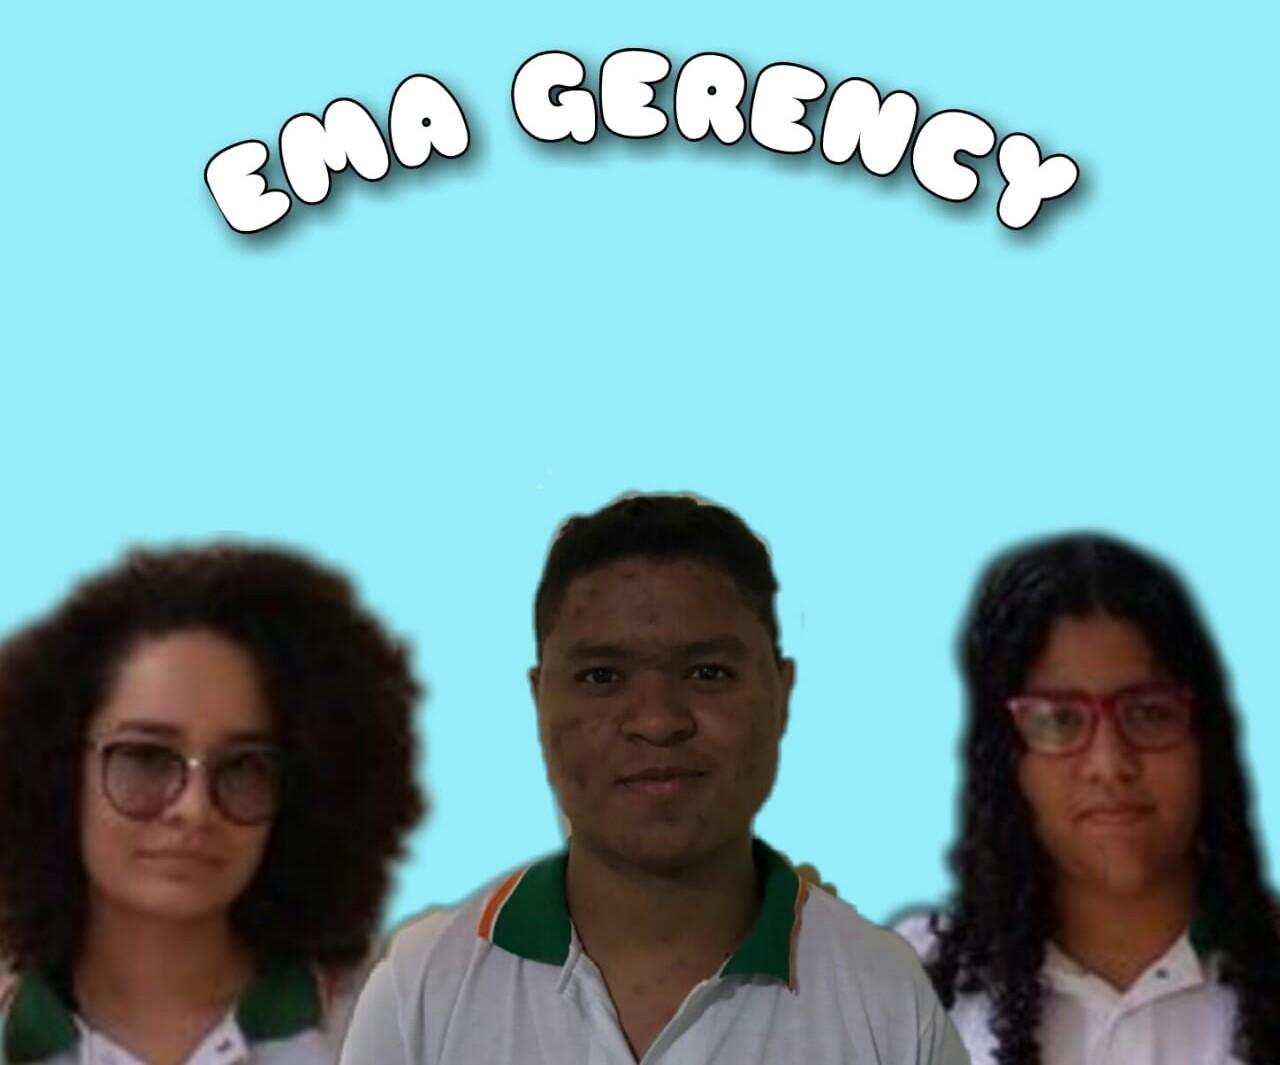 EMA GERENCY - Desafio 2020 - CE